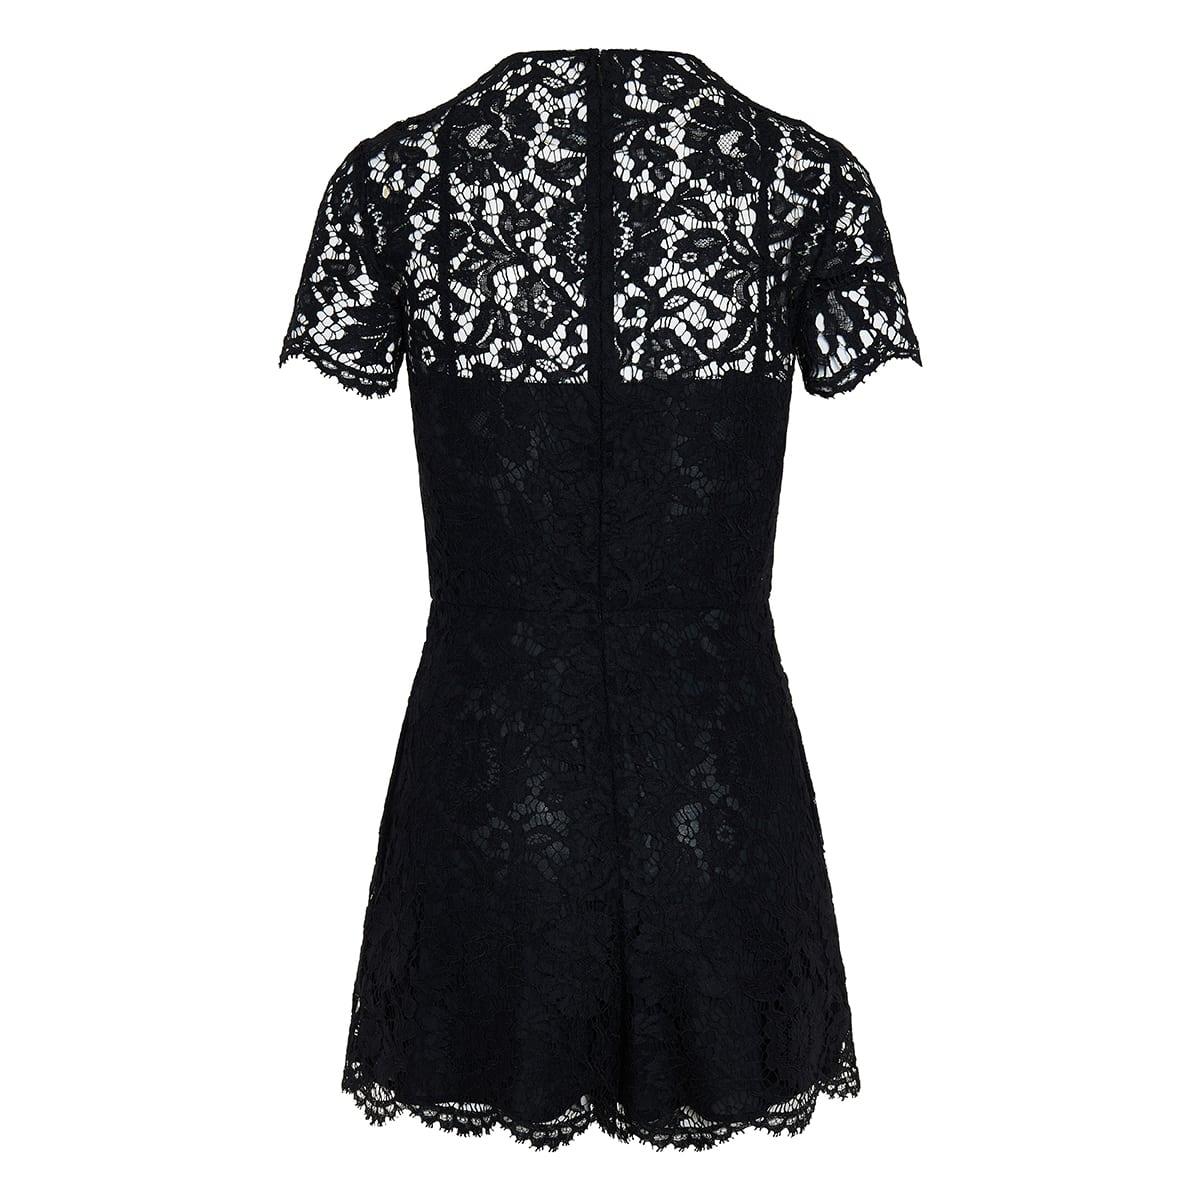 Floral-lace playsuit